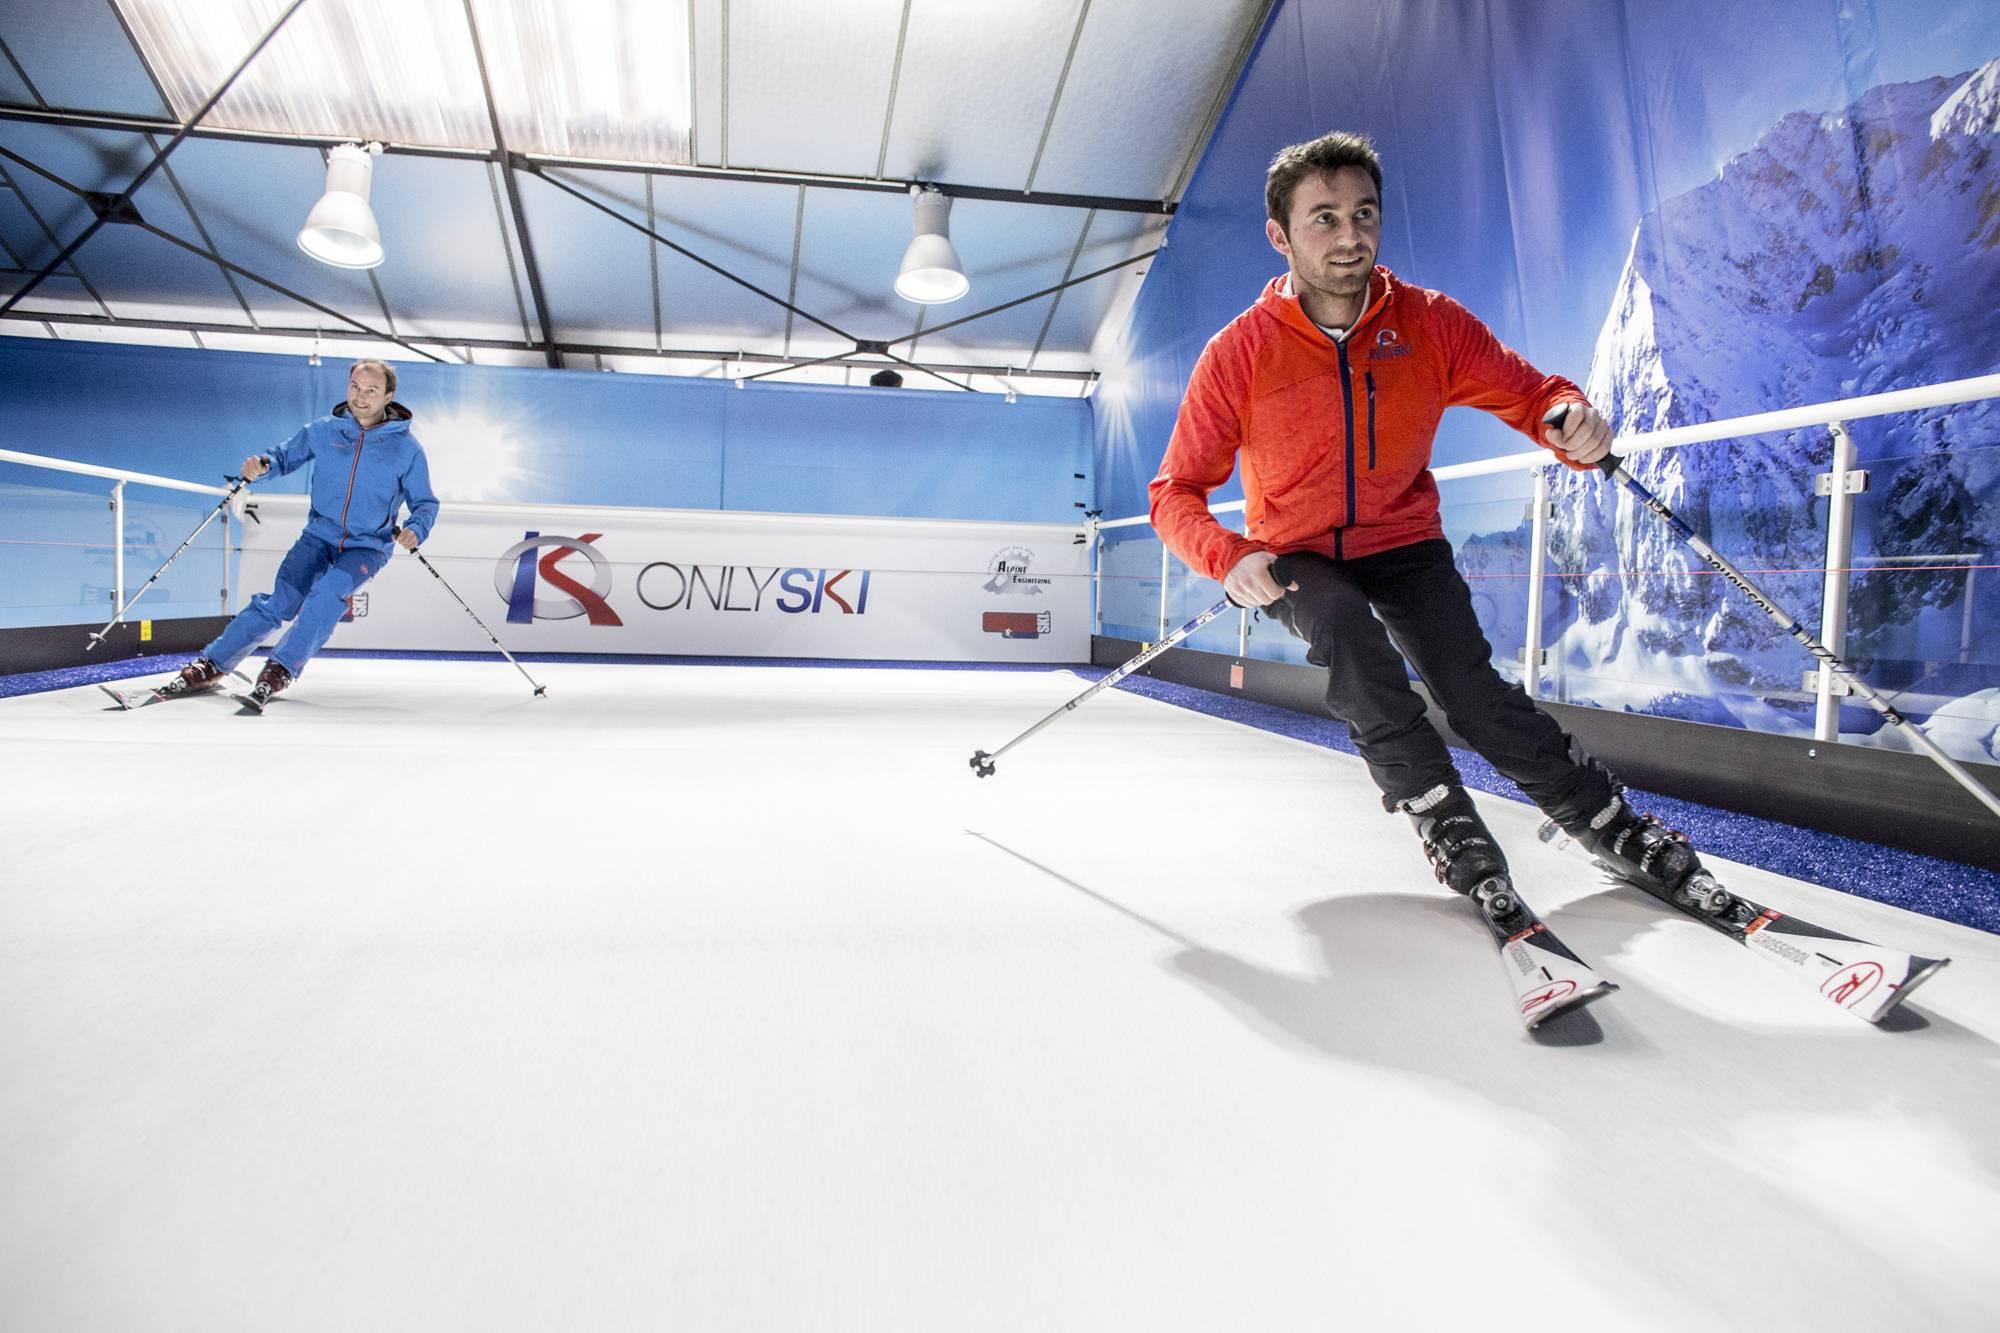 piste de ski indoor lyon